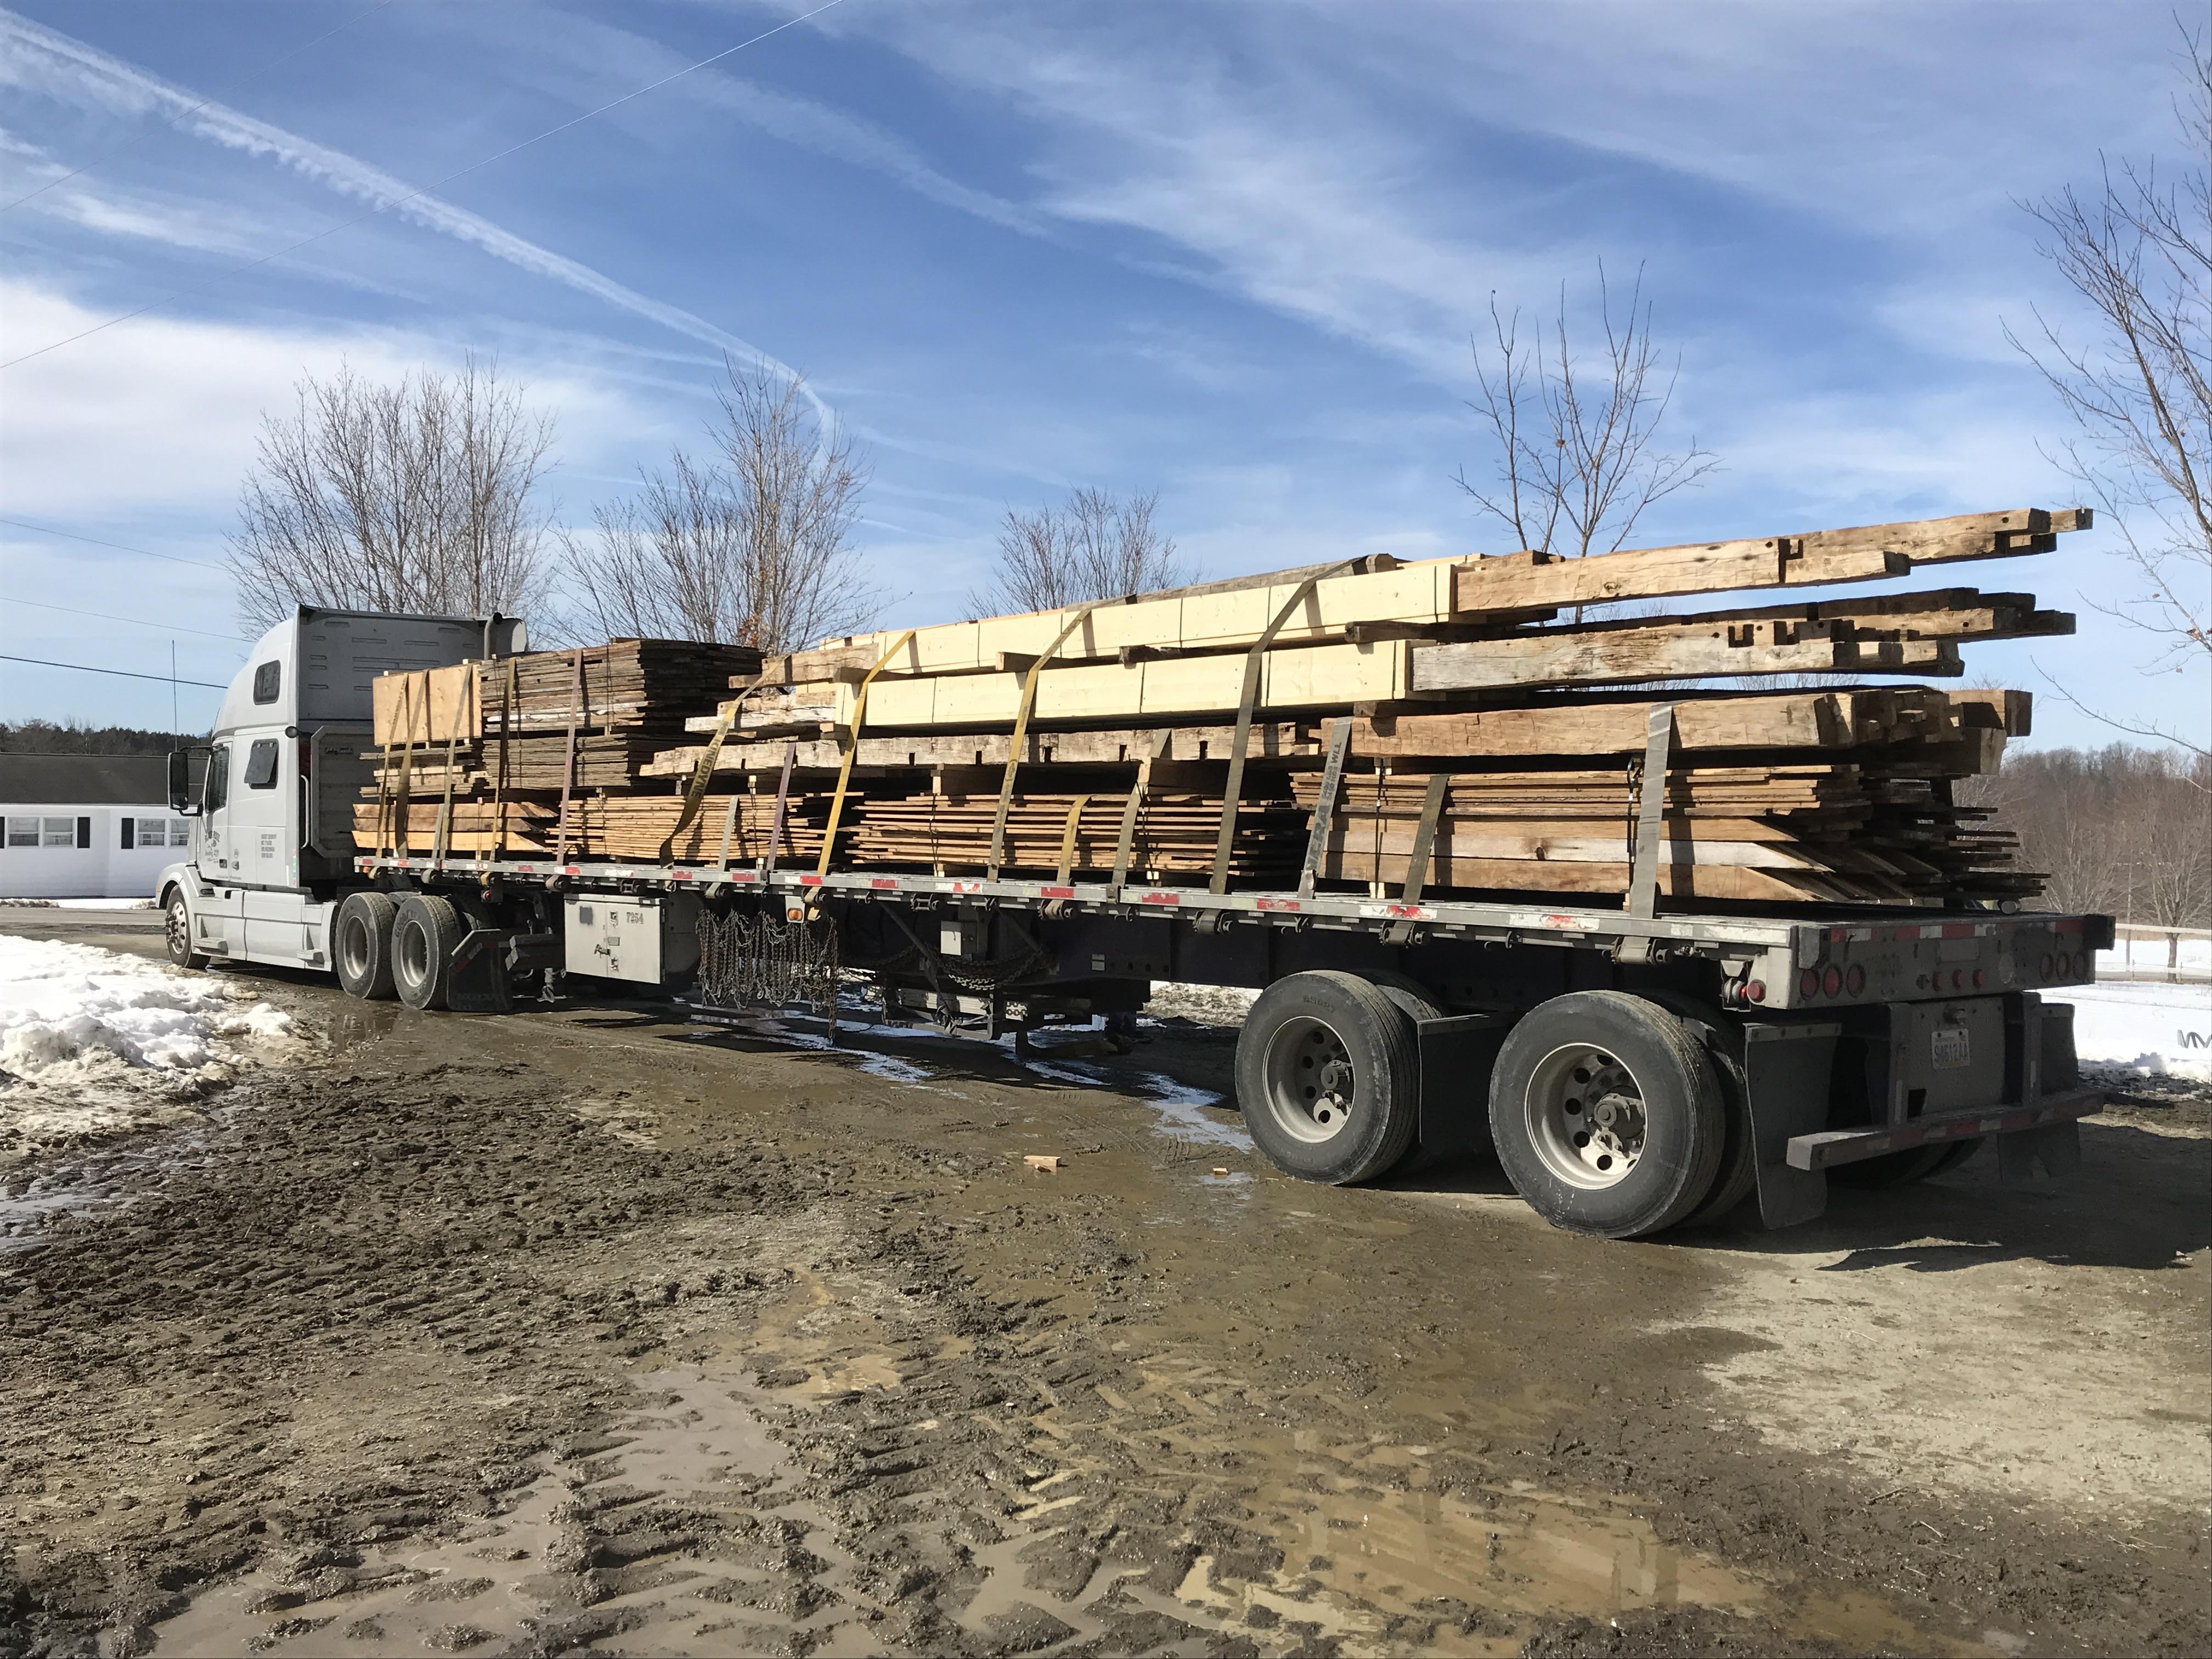 Preparing historic timber frame for shipment